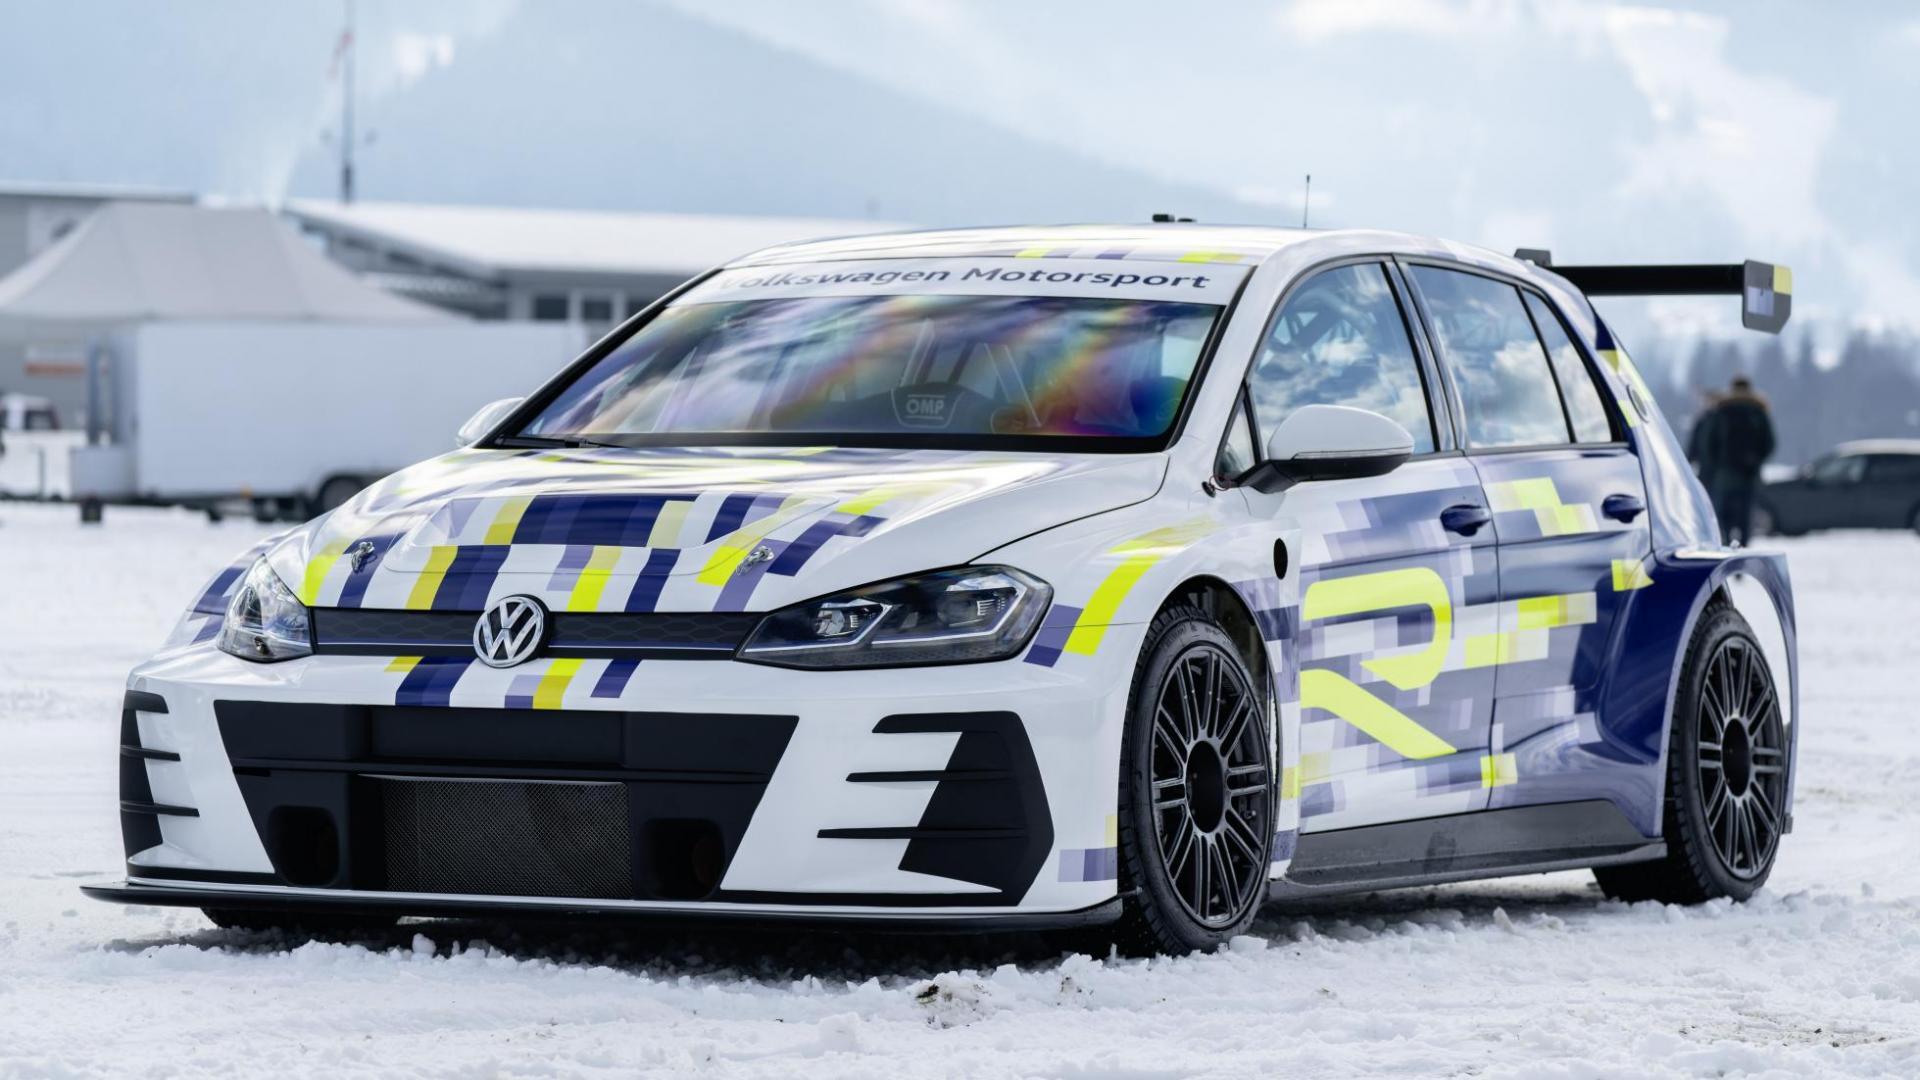 VW Golf met ID R-motoren eR1 ijs sneeuw ijsrijden